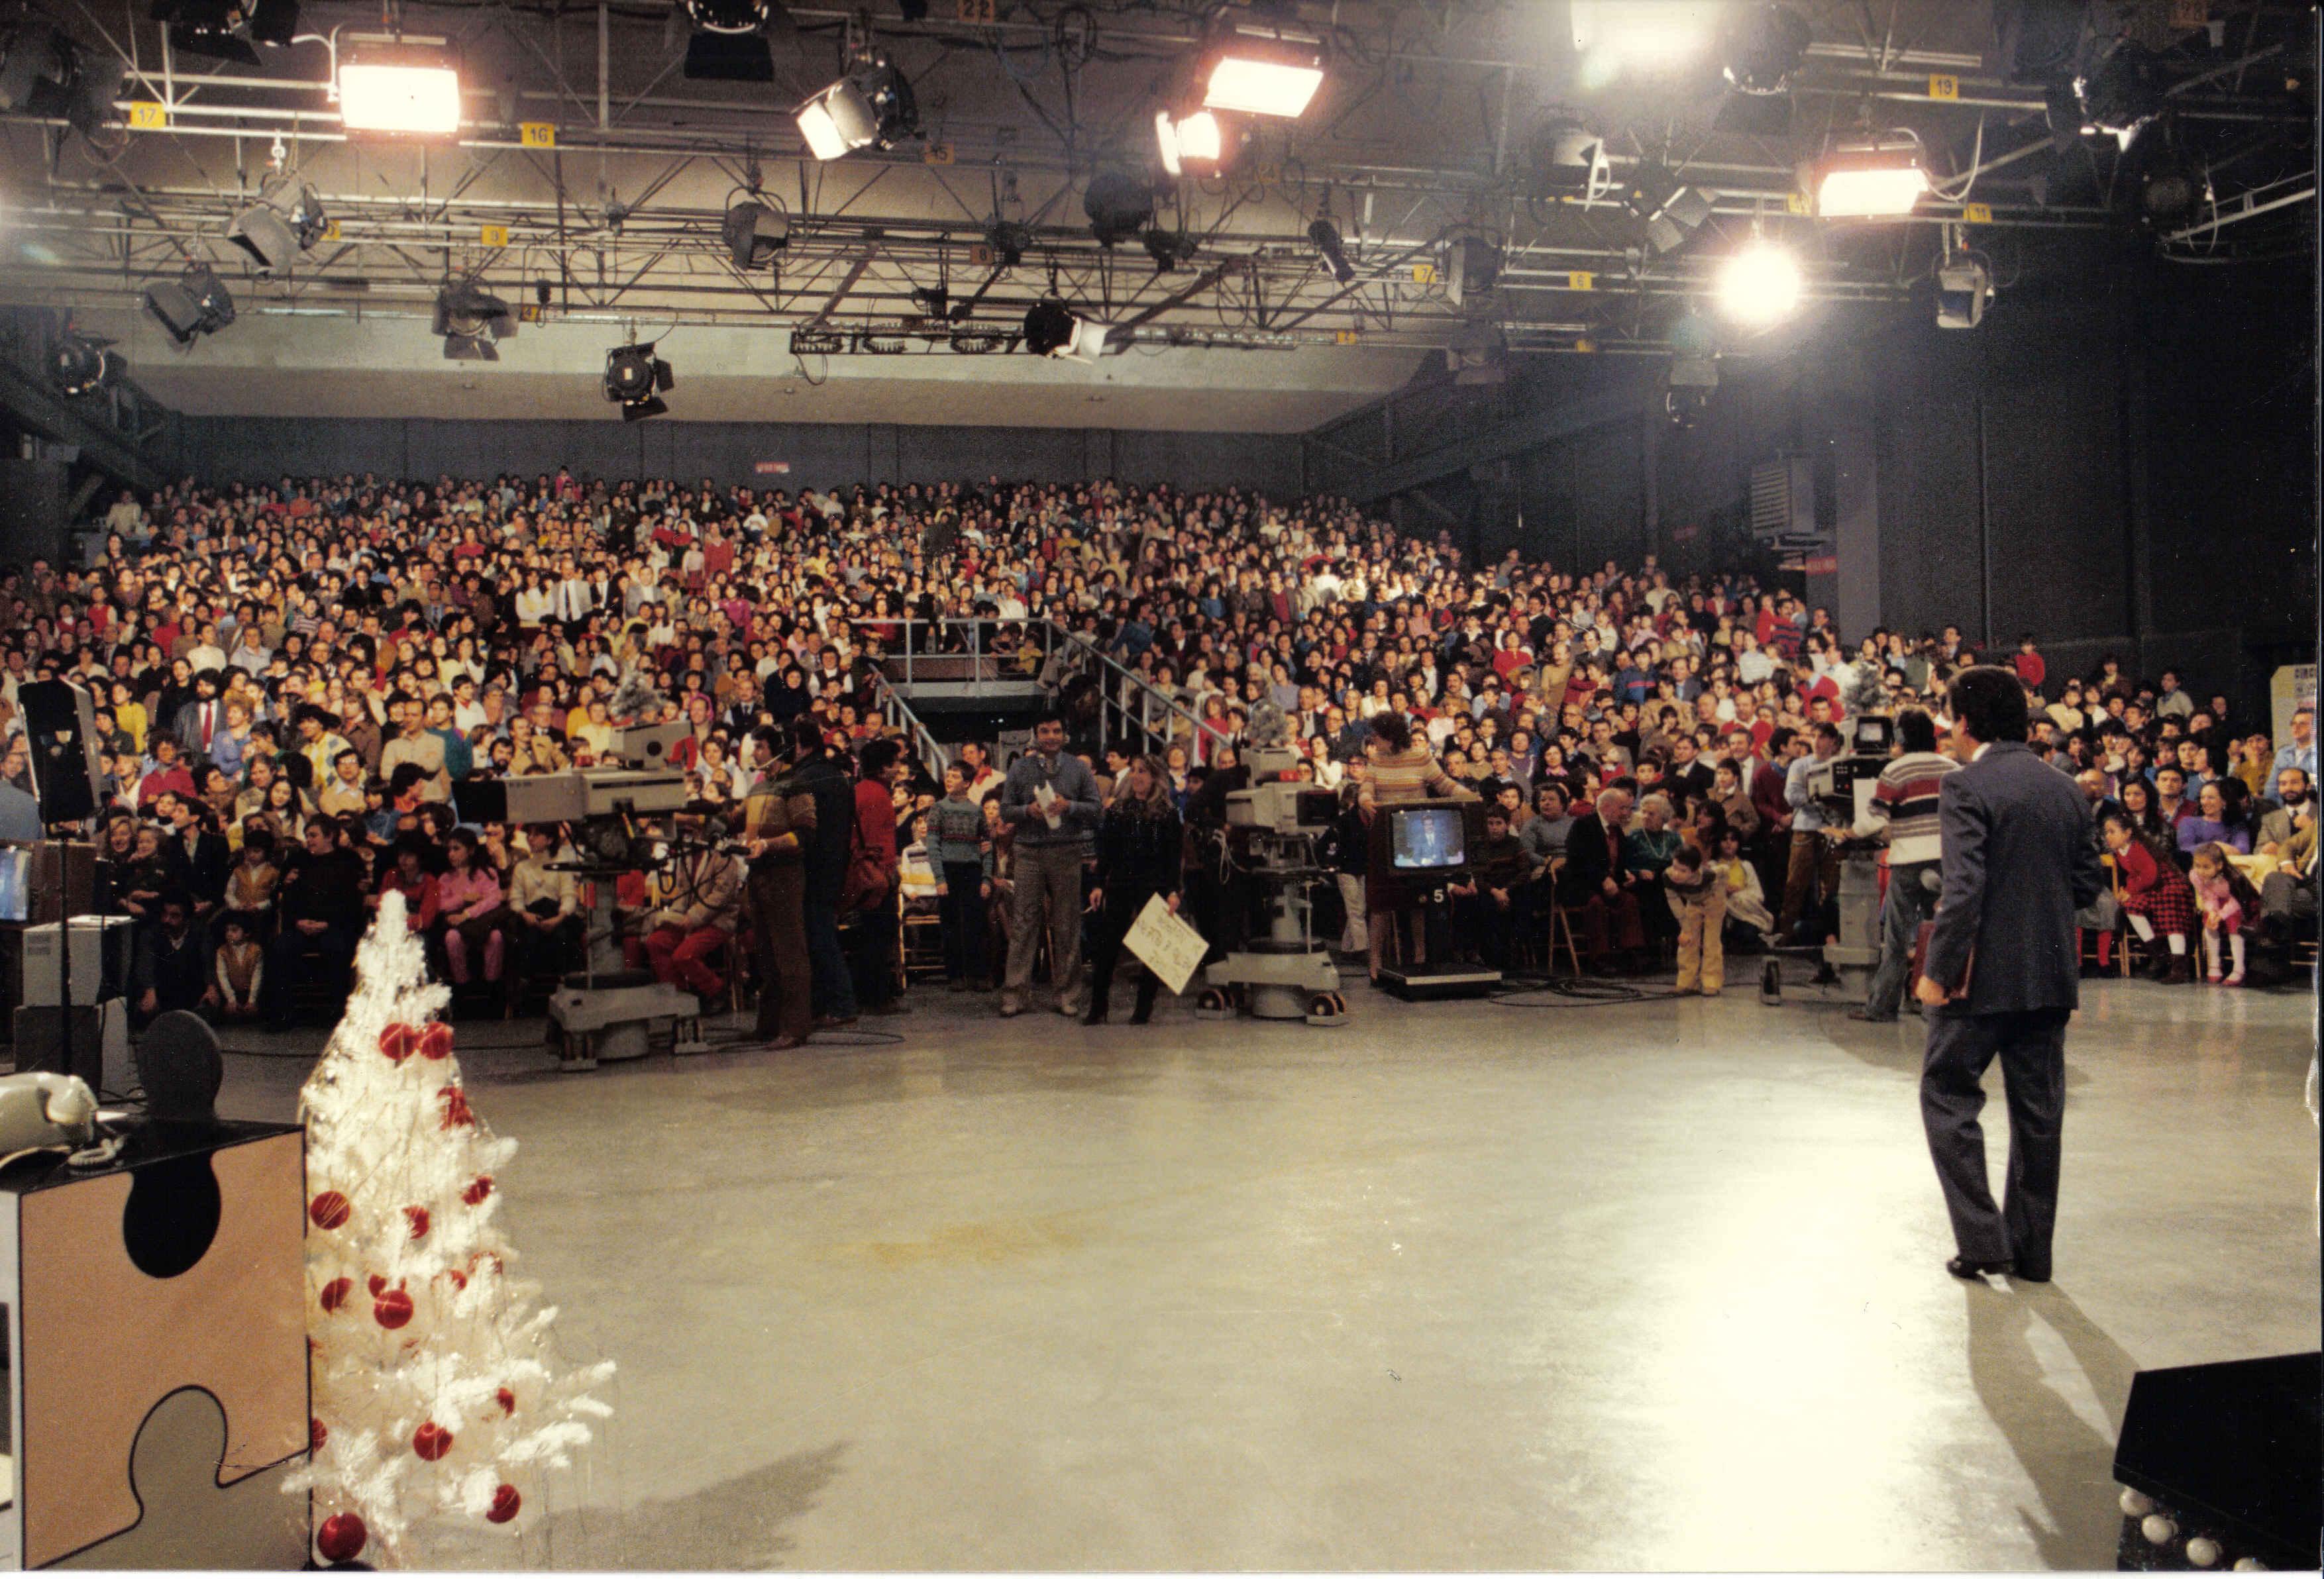 Antenna 3 Lombardia Pubblico del Bingoo - Tv libere. A Legnano (Mi) il 27/01/2018 la proiezione del docu-film sulla storia di Antenna 3 Lombardia